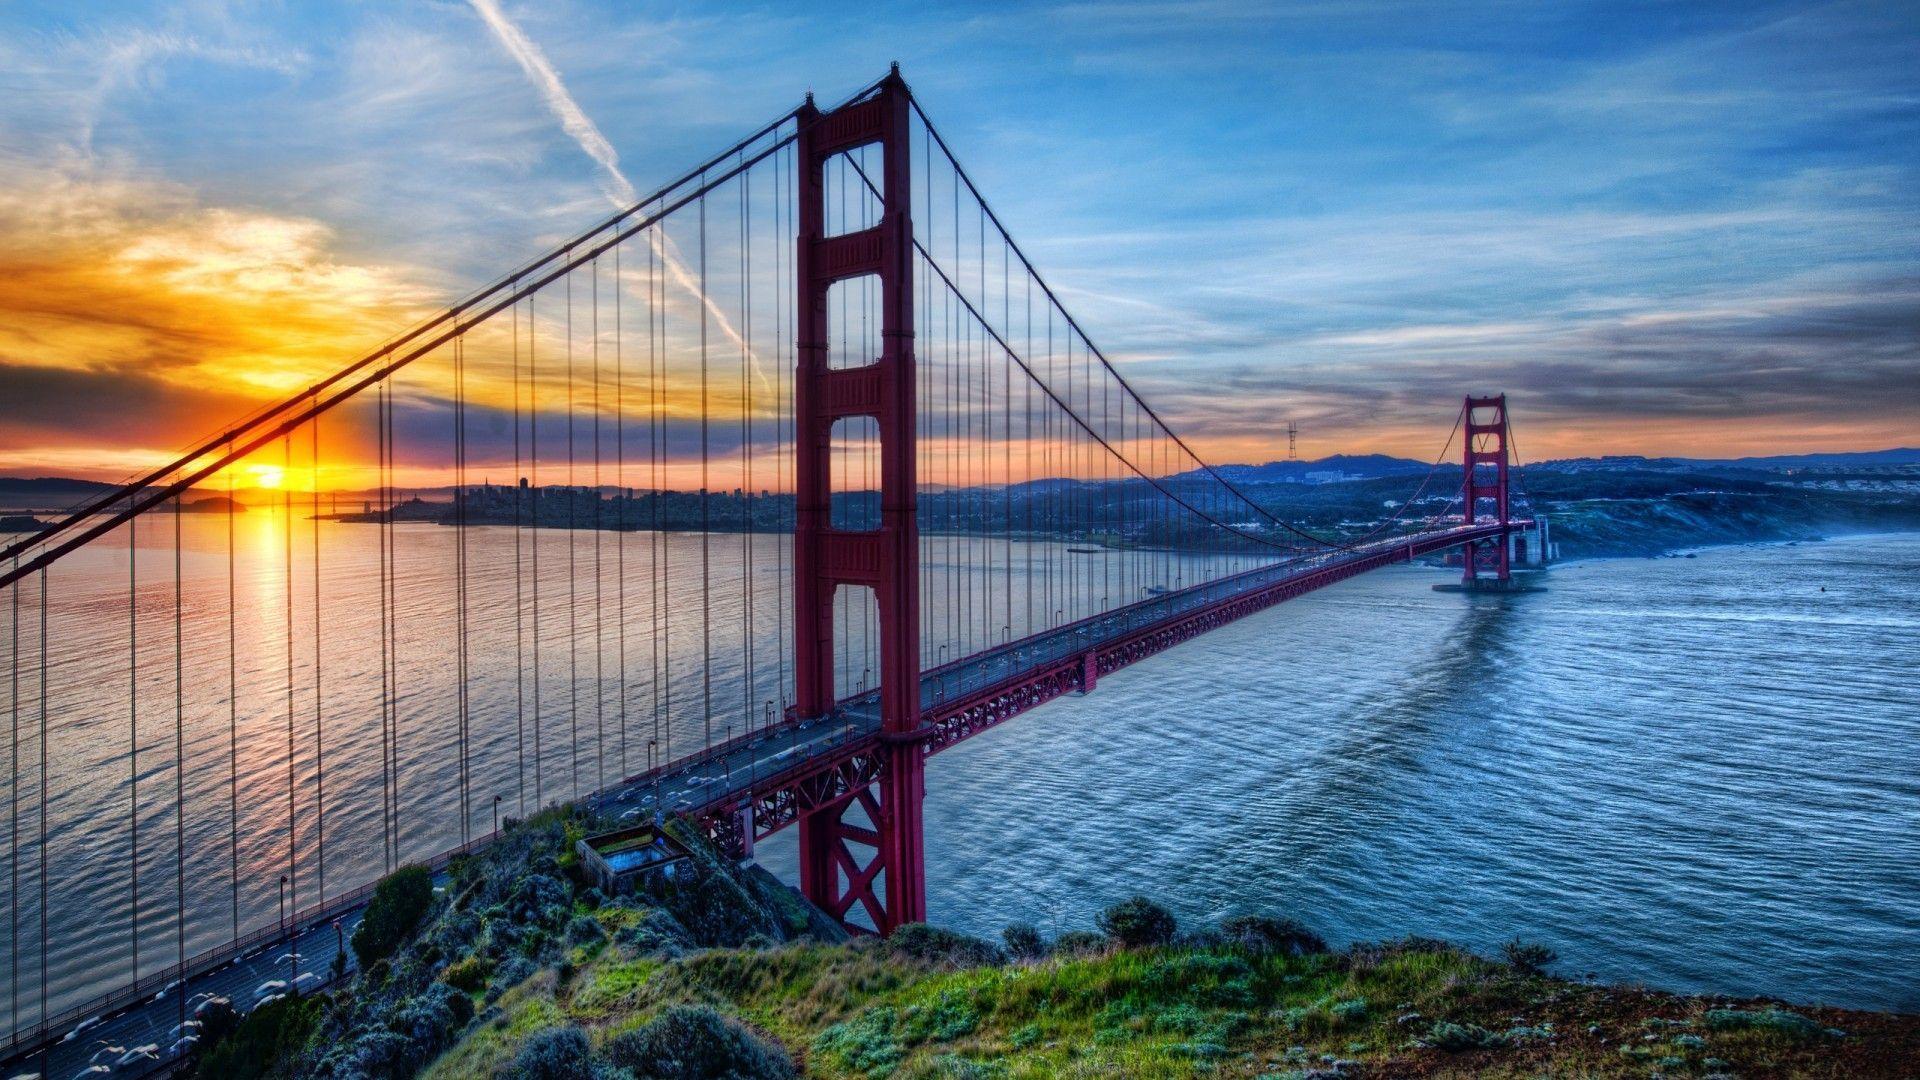 Golden Gate Bridge Wallpapers | WallPaper Glow